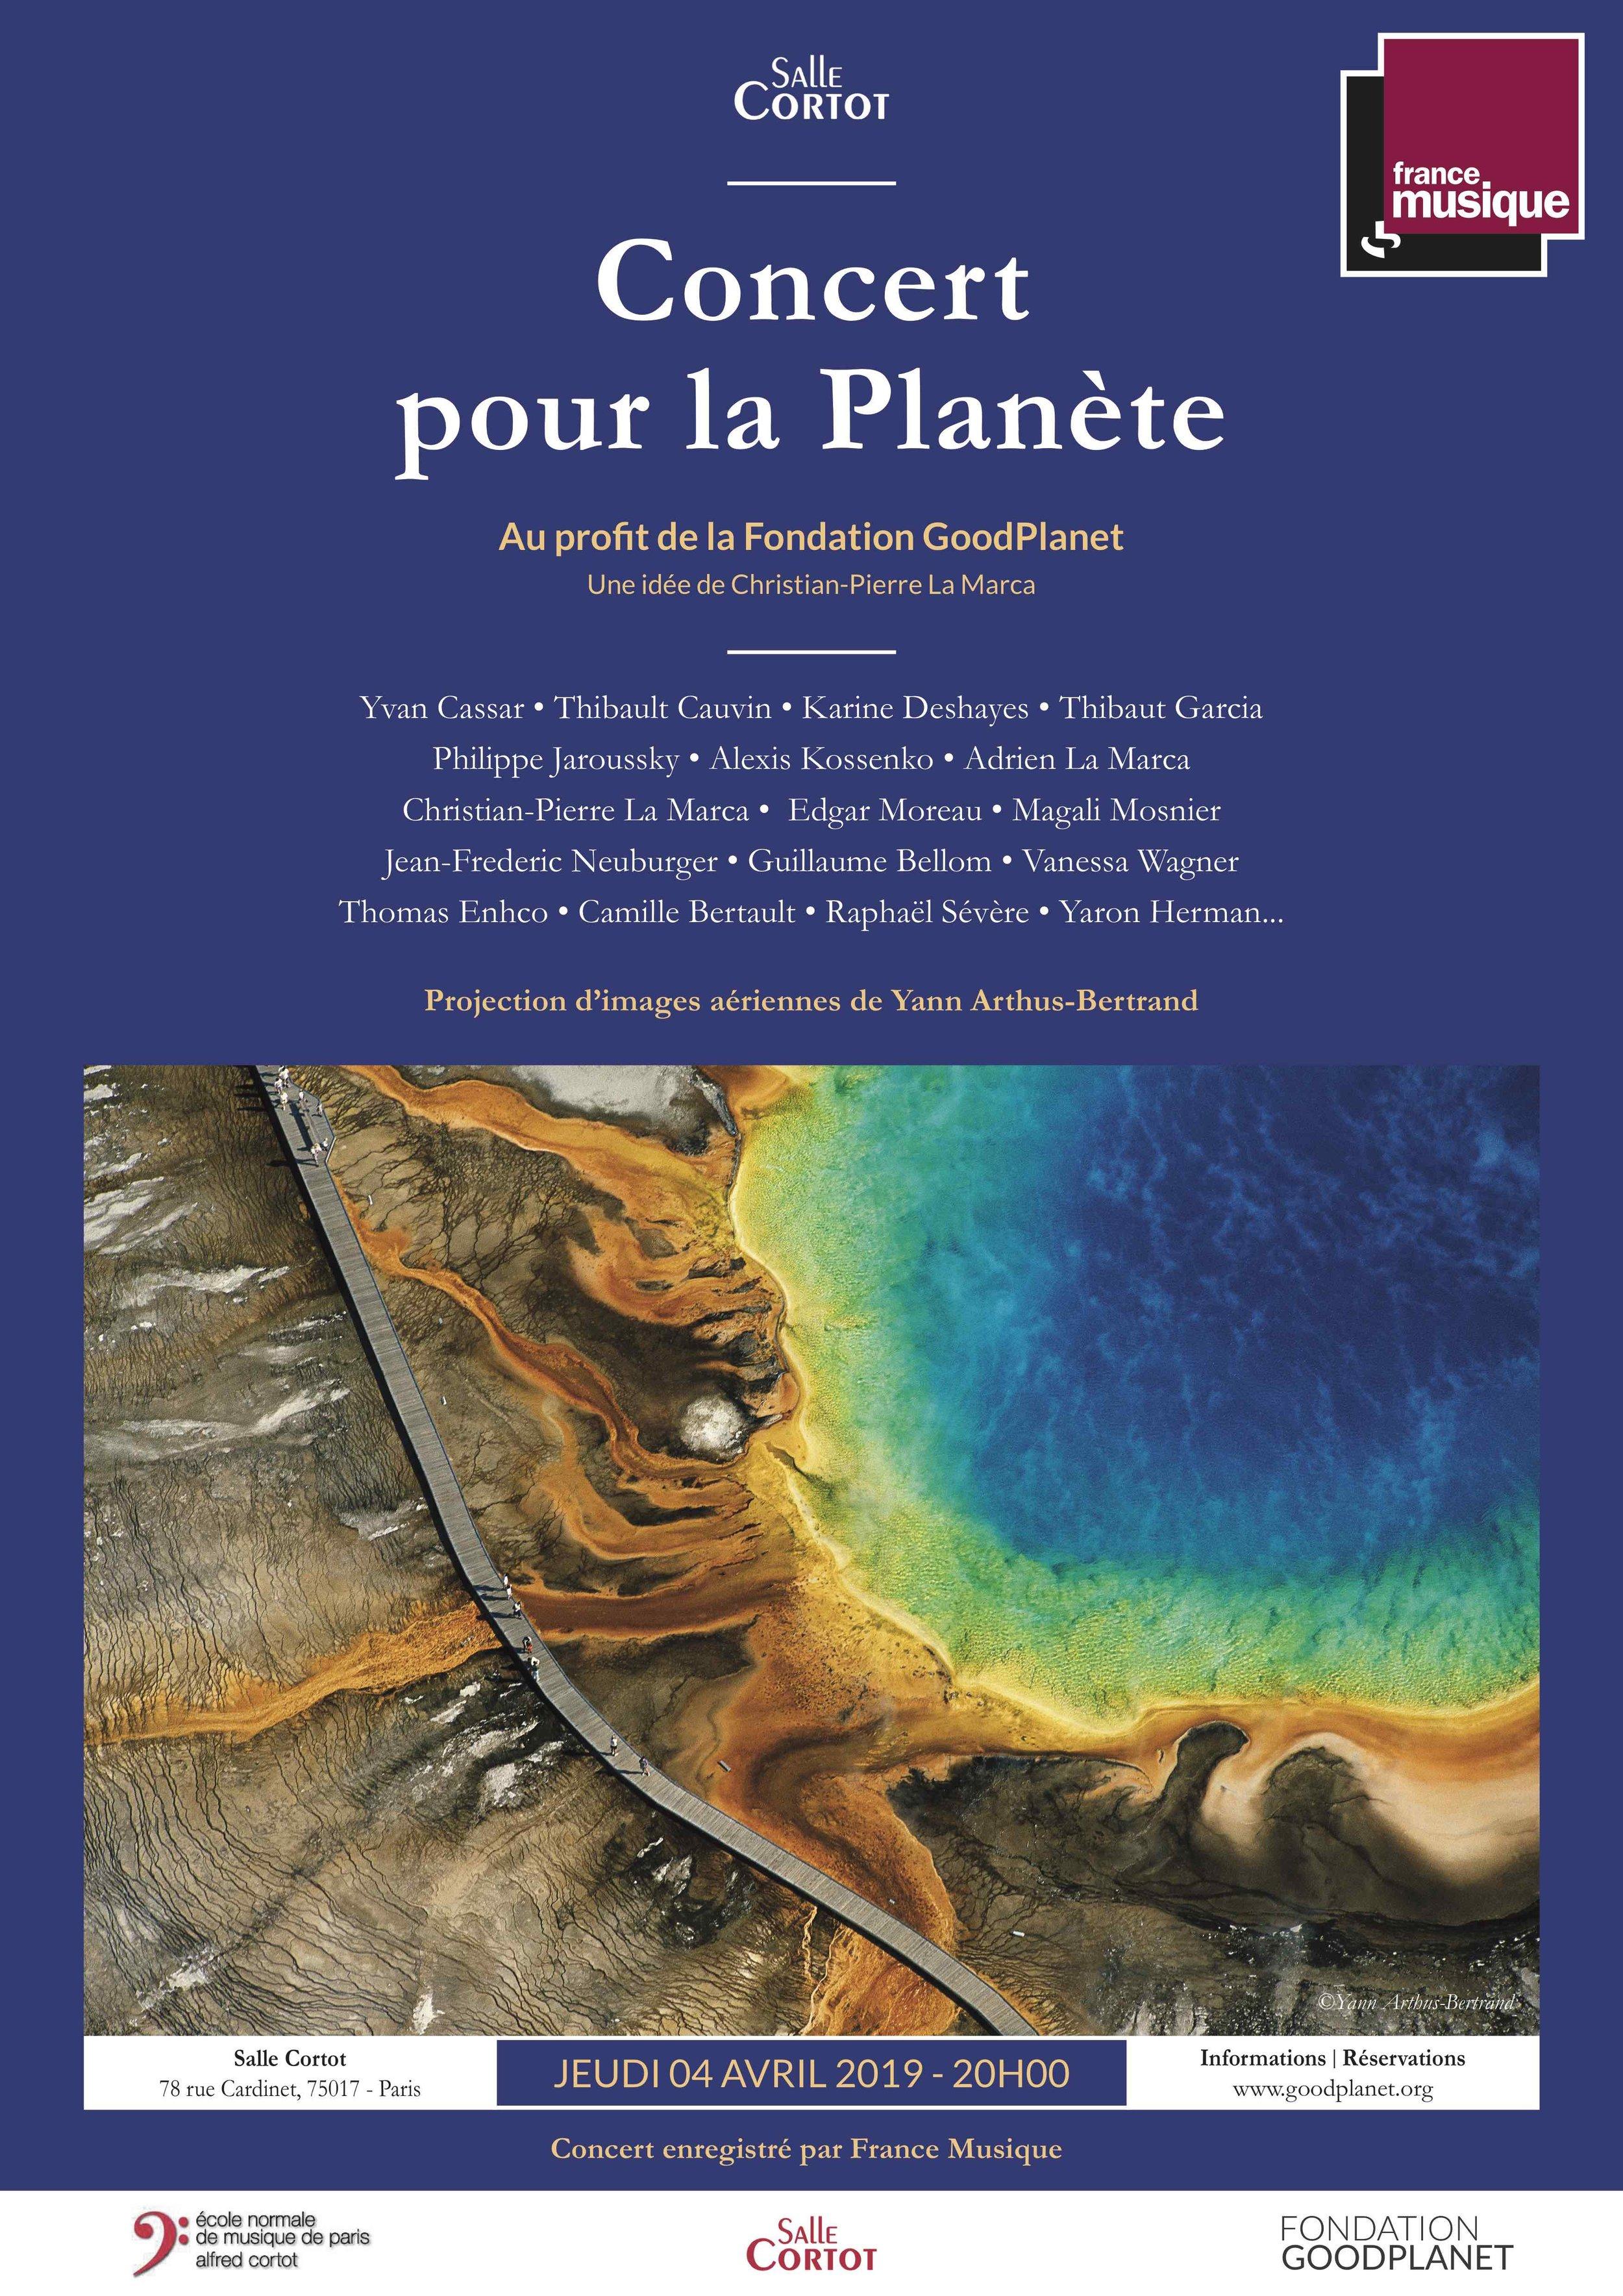 AFFICHE - Concert pour la plan ète - Fondation GoodPlanet.jpg